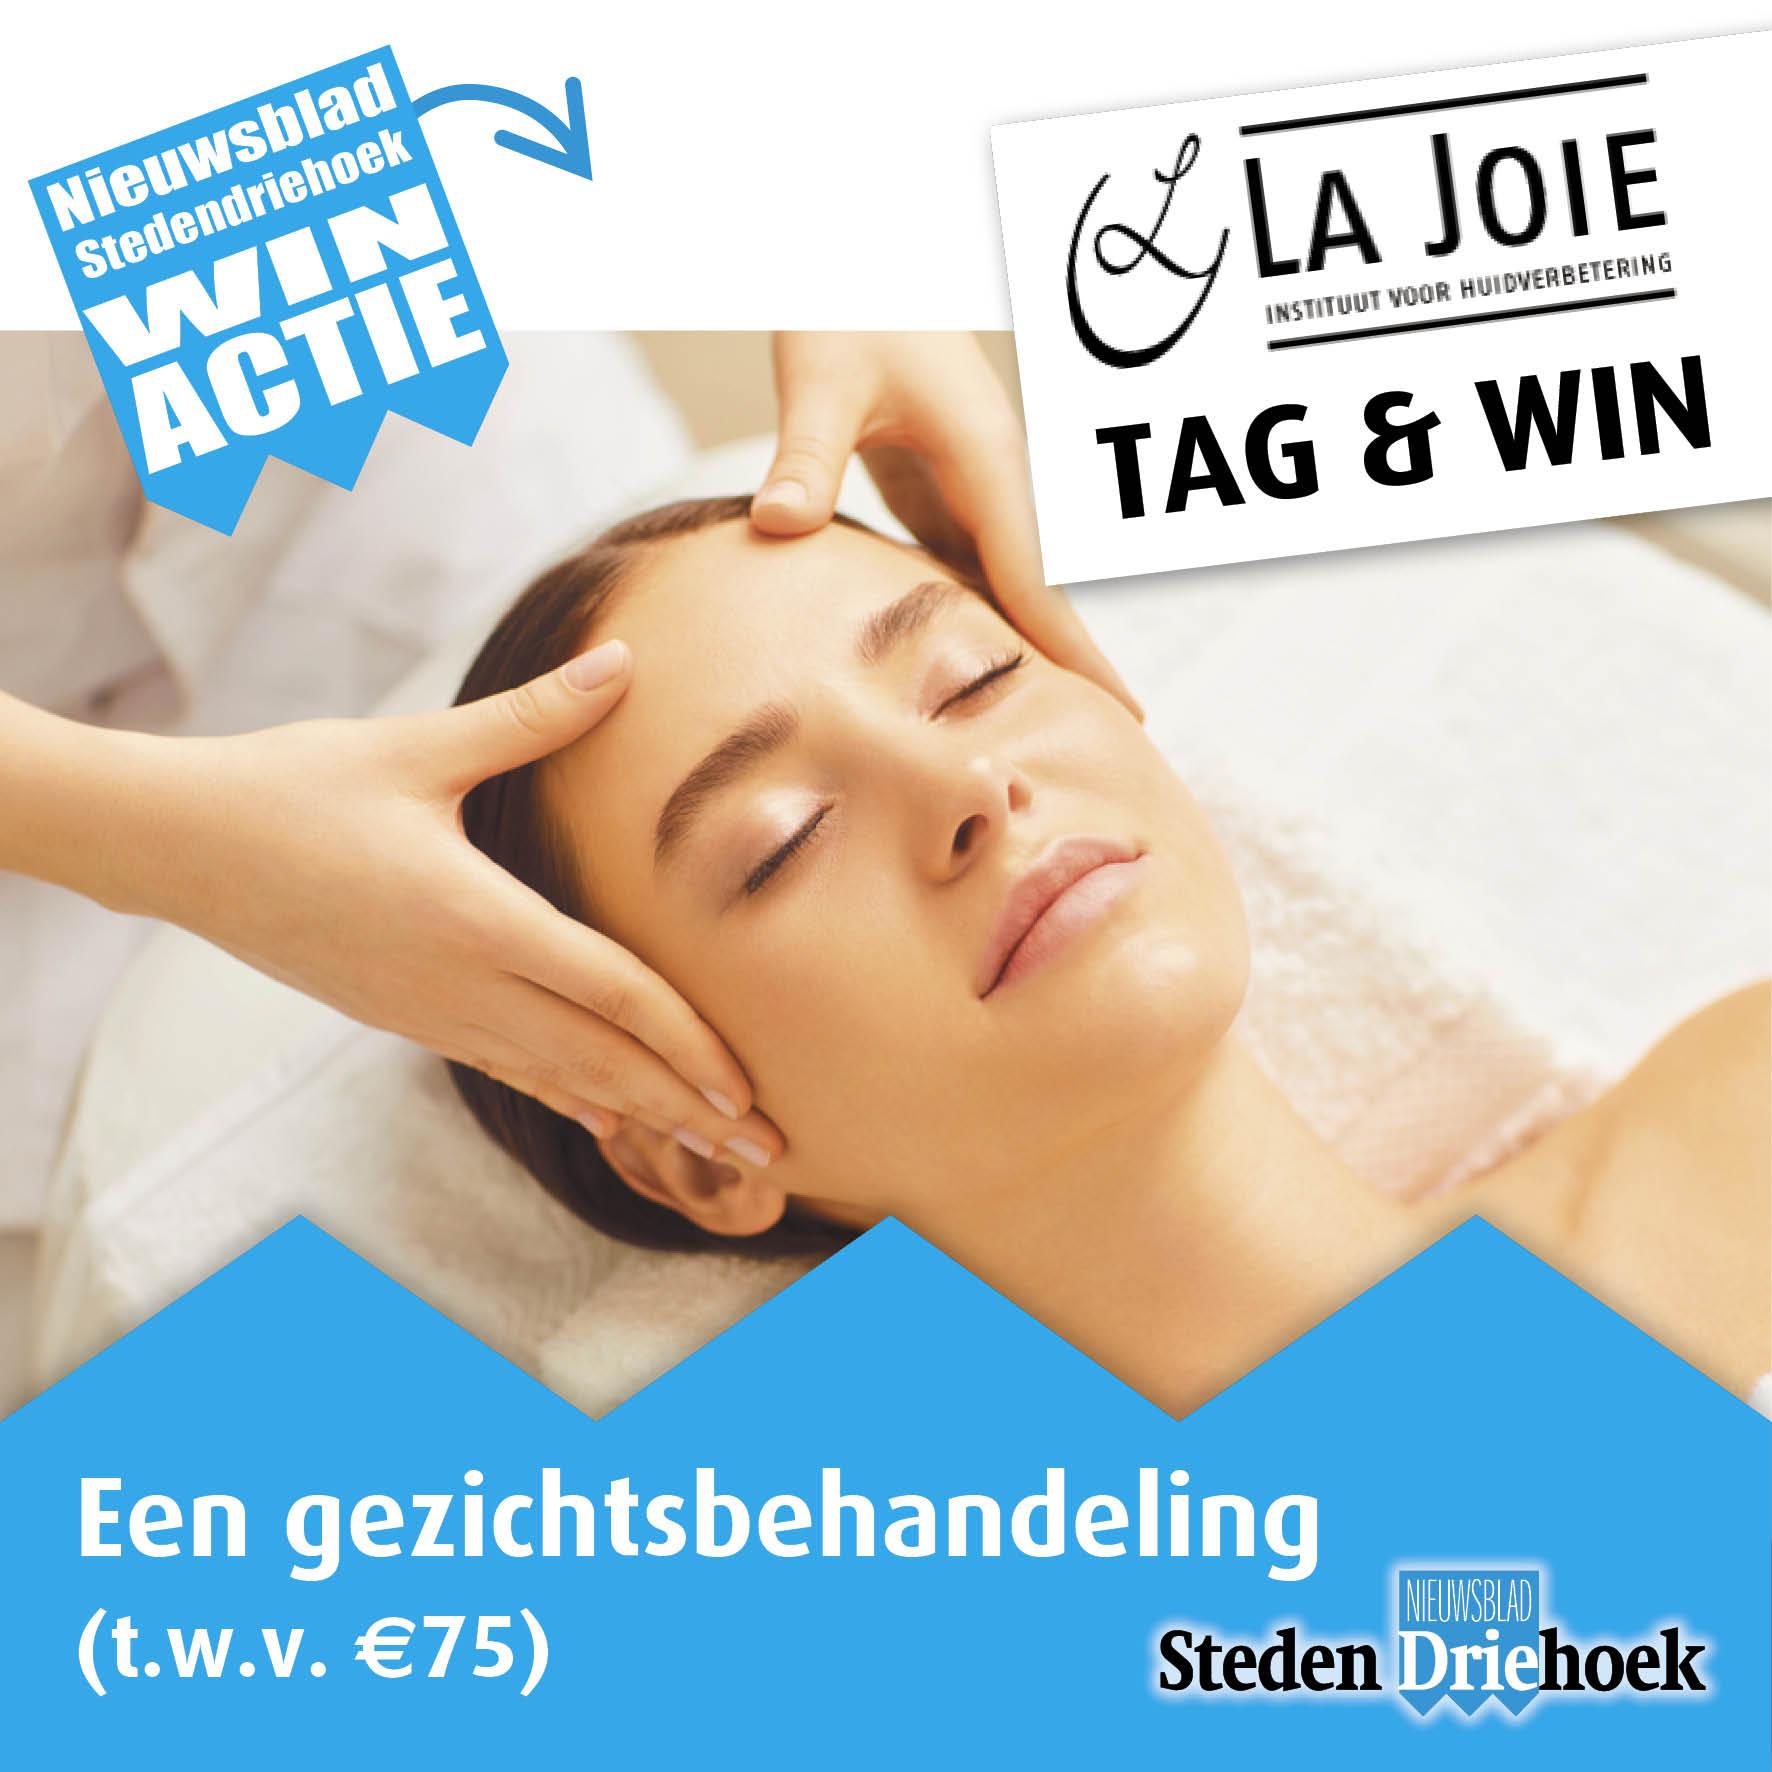 Win een gezichtsbehandeling t.w.v. 75 euro bij La Joie